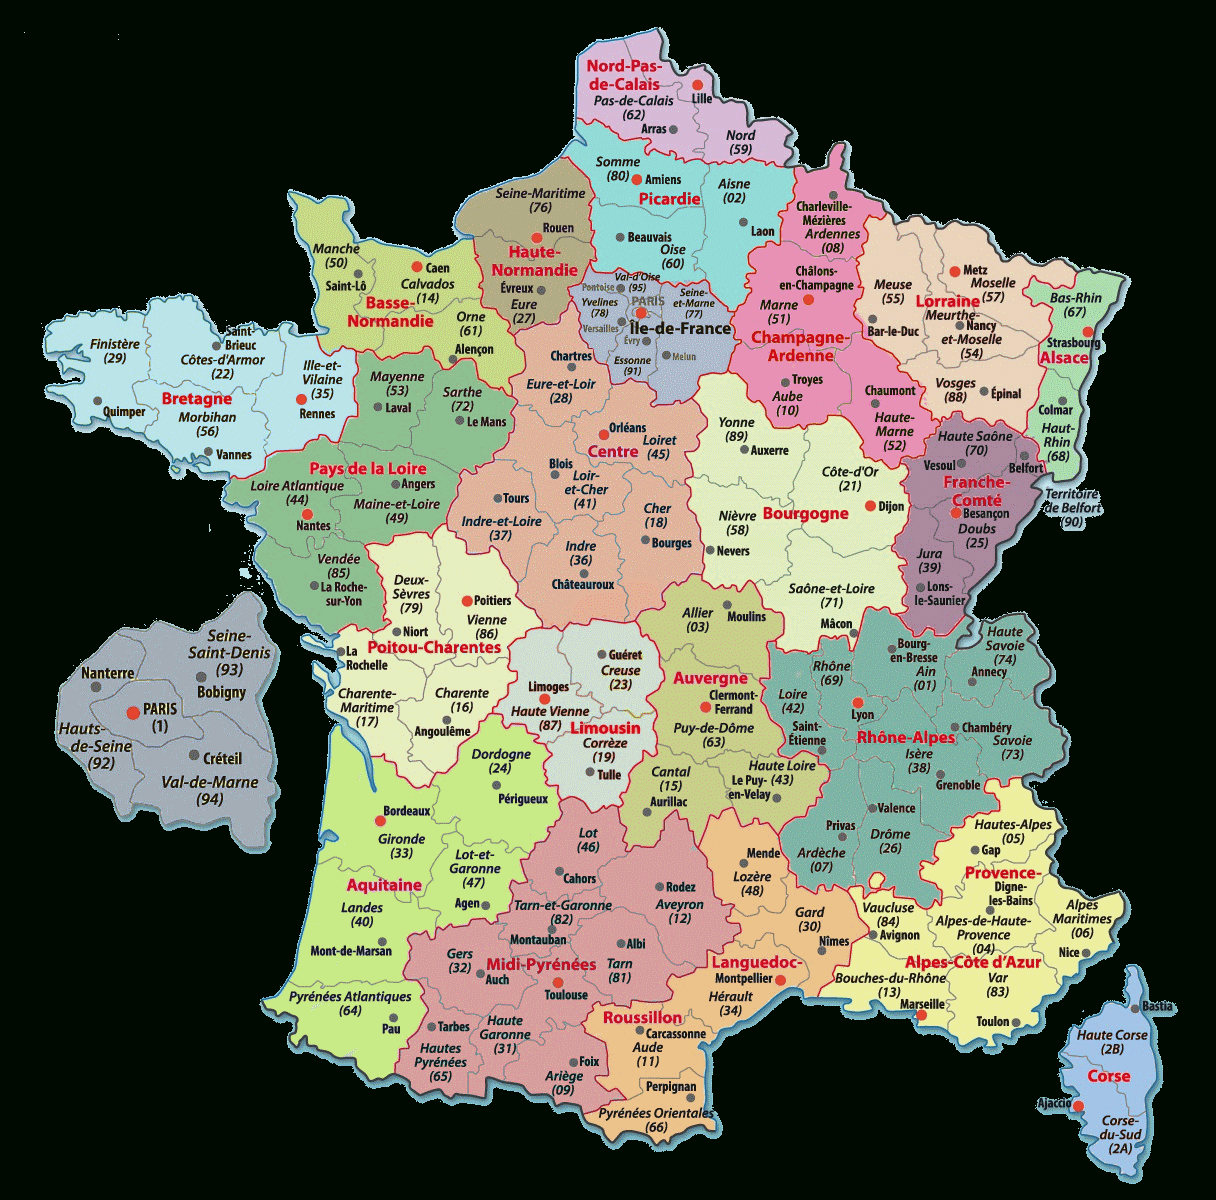 Carte De France Departements : Carte Des Départements De France pour Carte Numero Departement